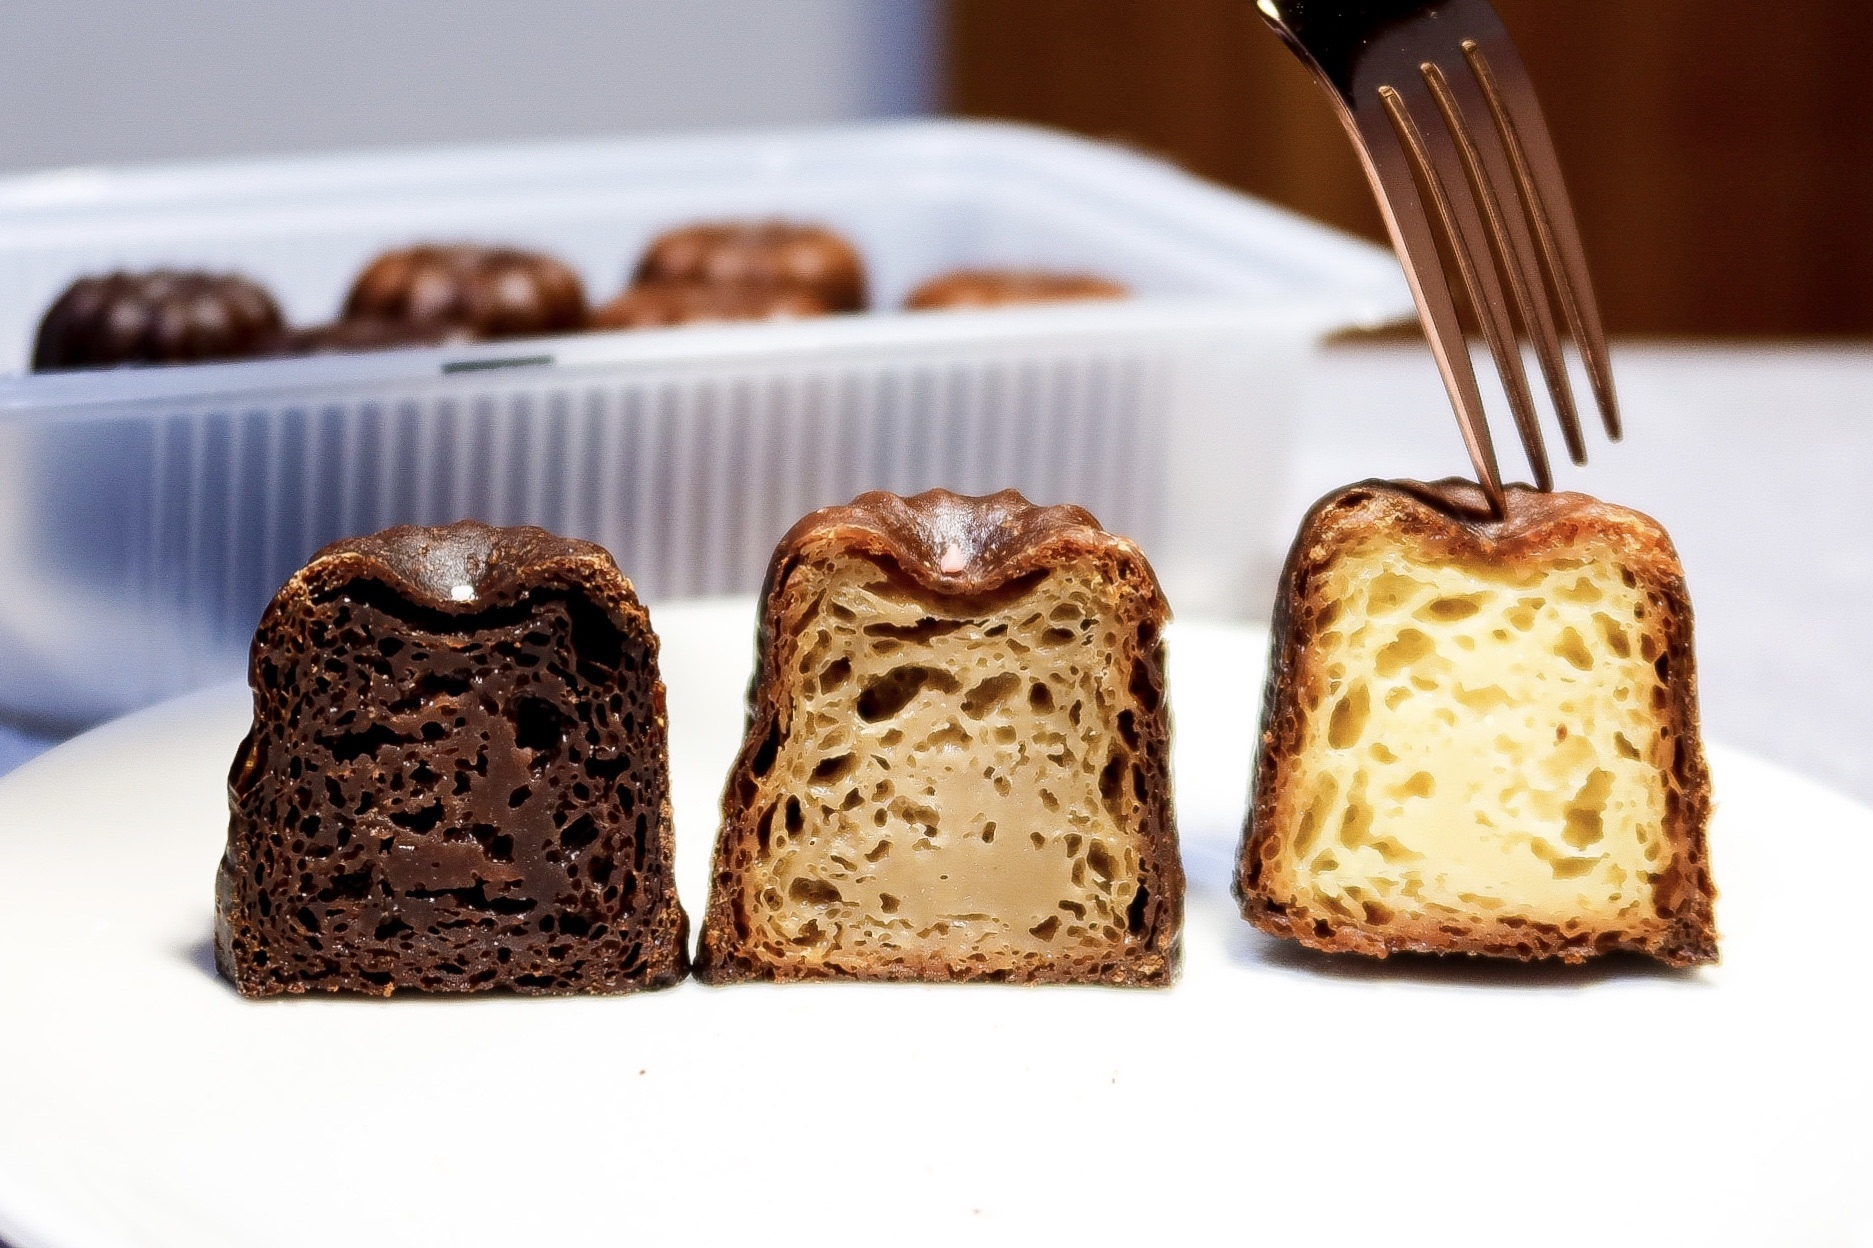 第二顆鈕釦│經典法式甜點可麗露【源於南法的浪漫美味】頂級原料費工淬鍊,口感充滿層次的天使之鈴,越冰越好吃!